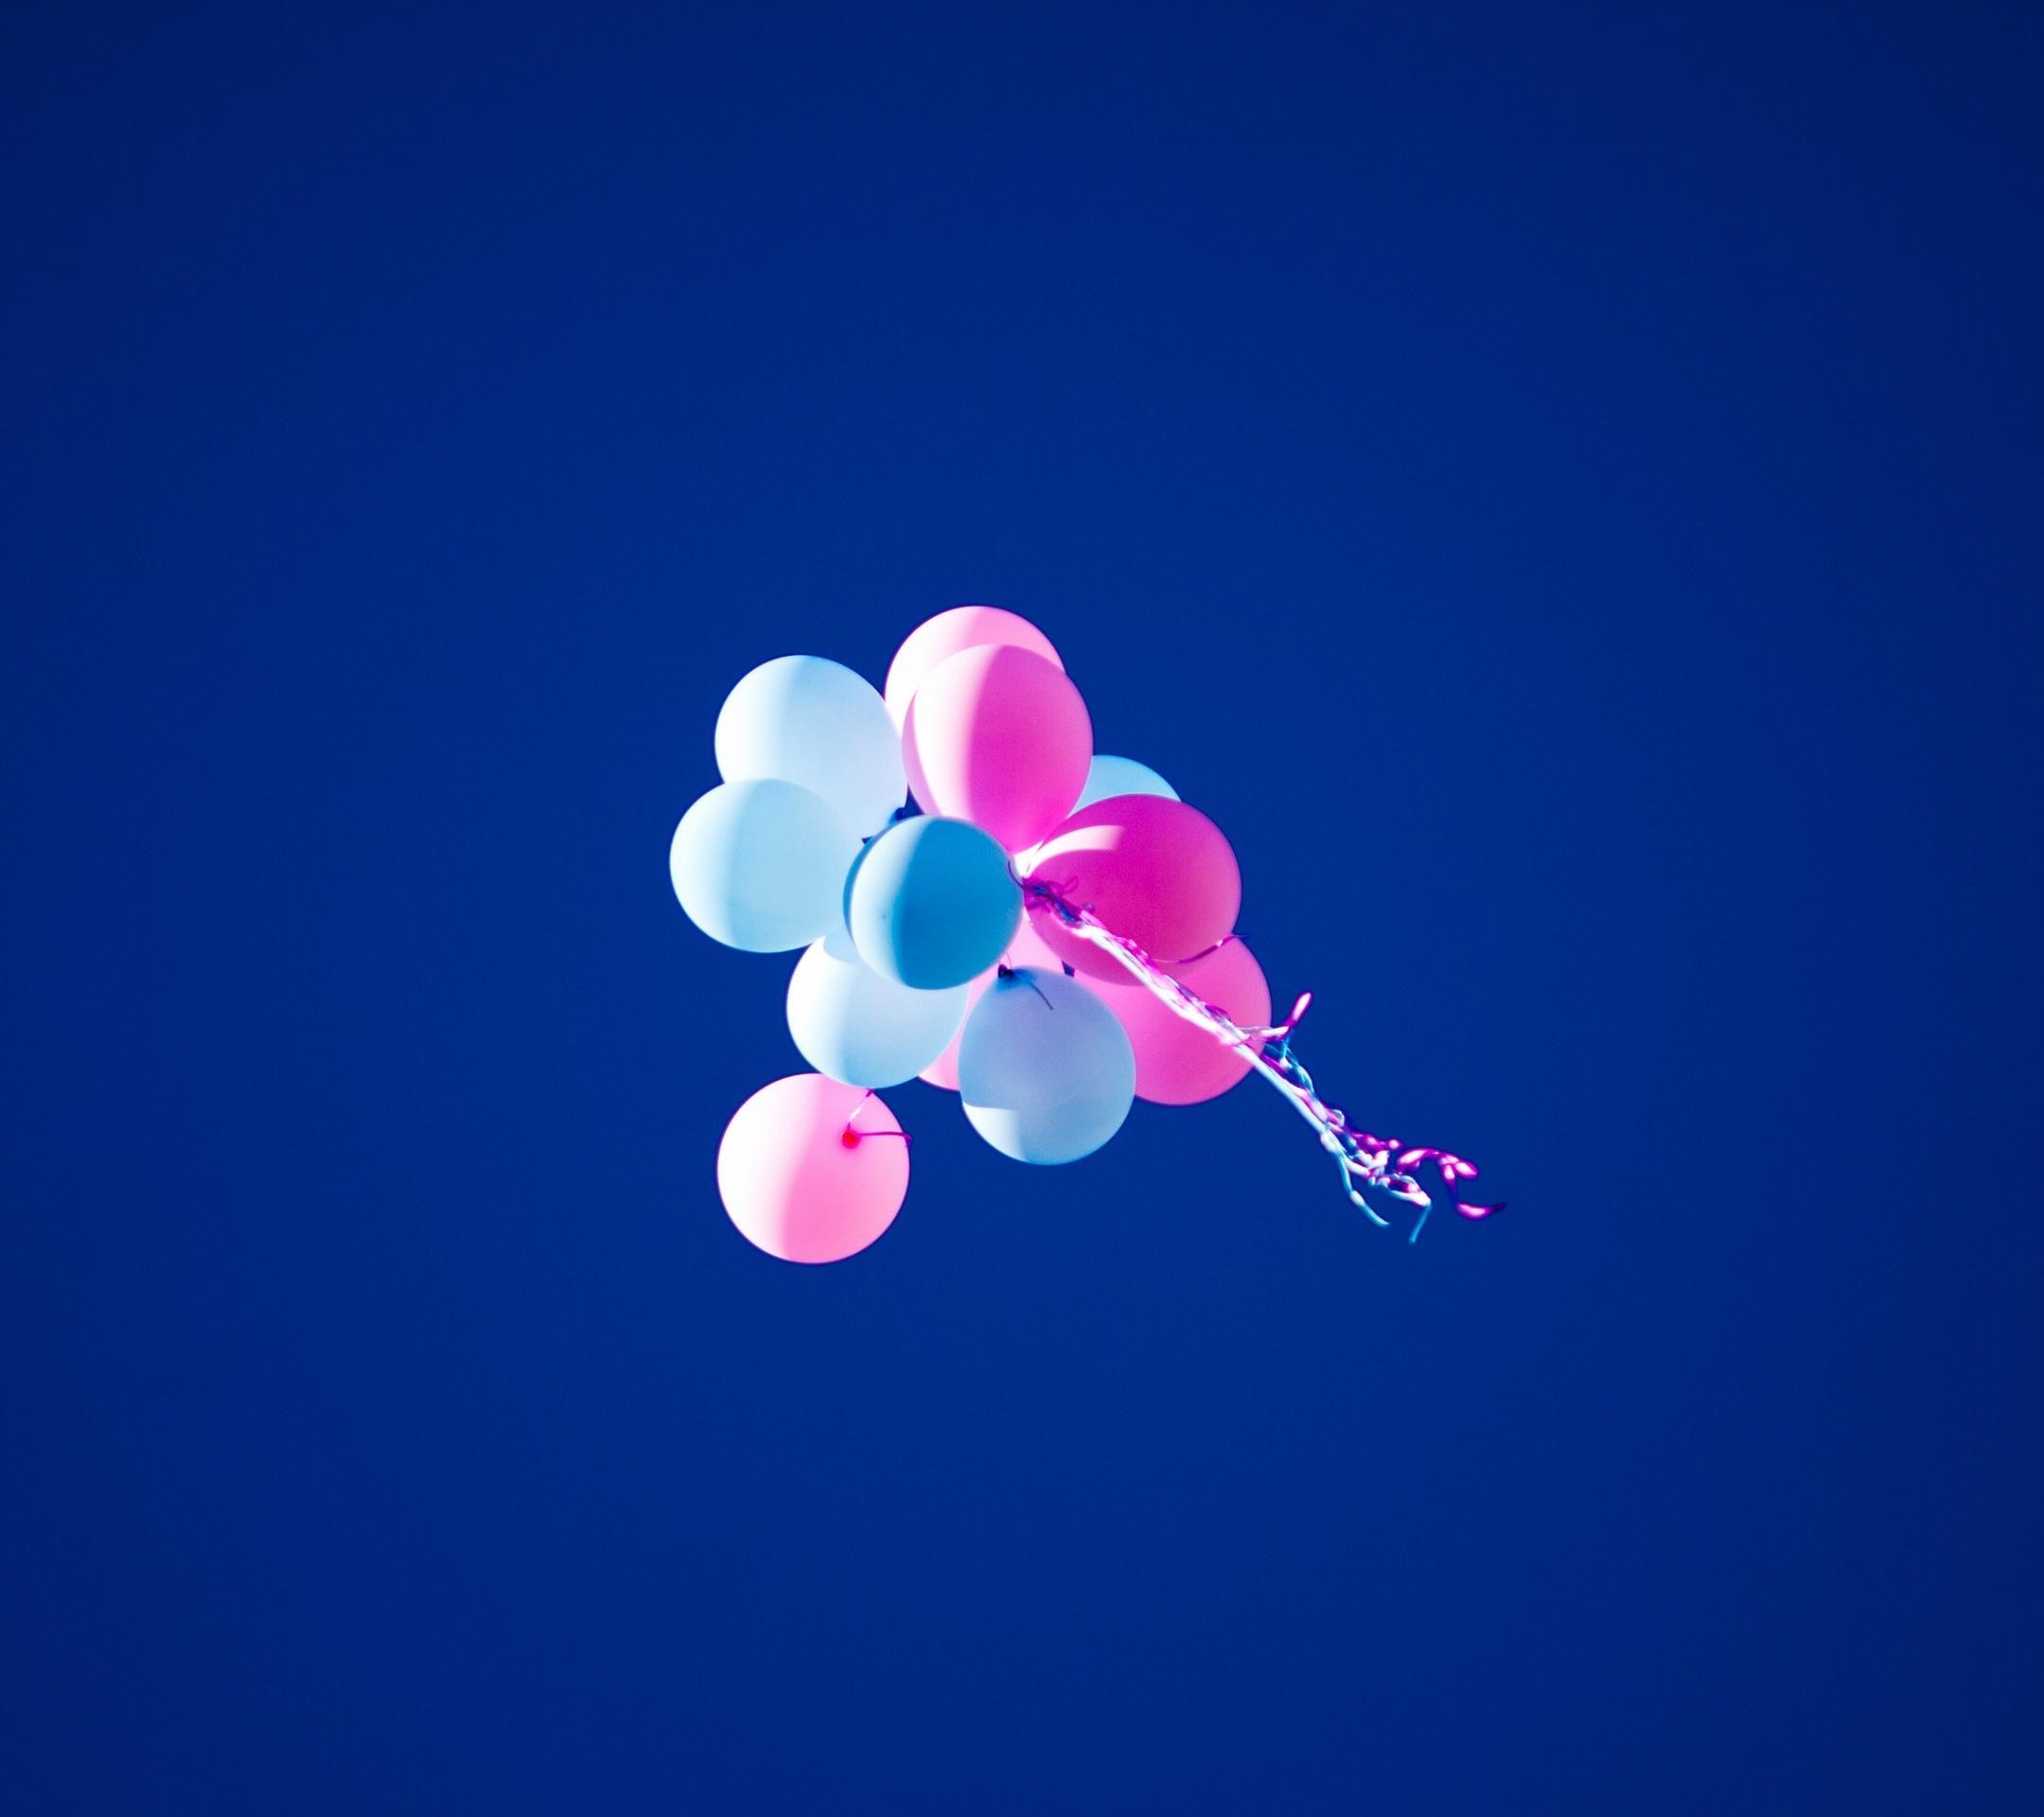 青空に飛ぶ風船 Android壁紙